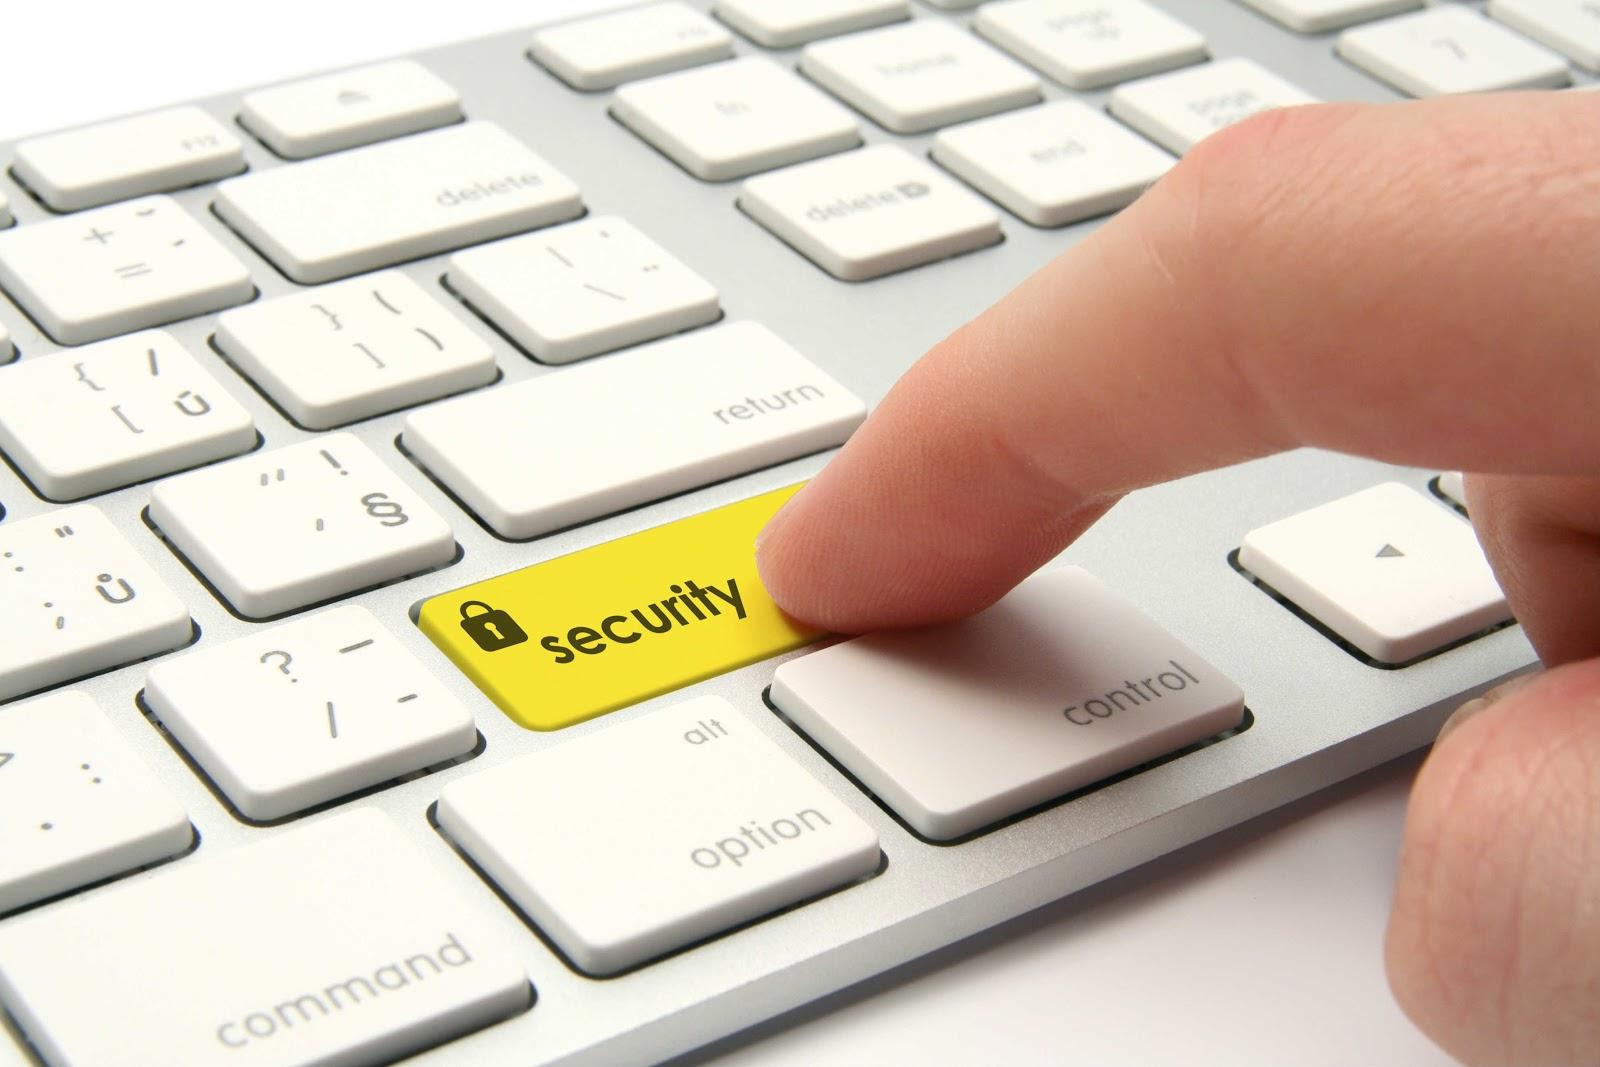 mantenha seus dados seguros marketing digital